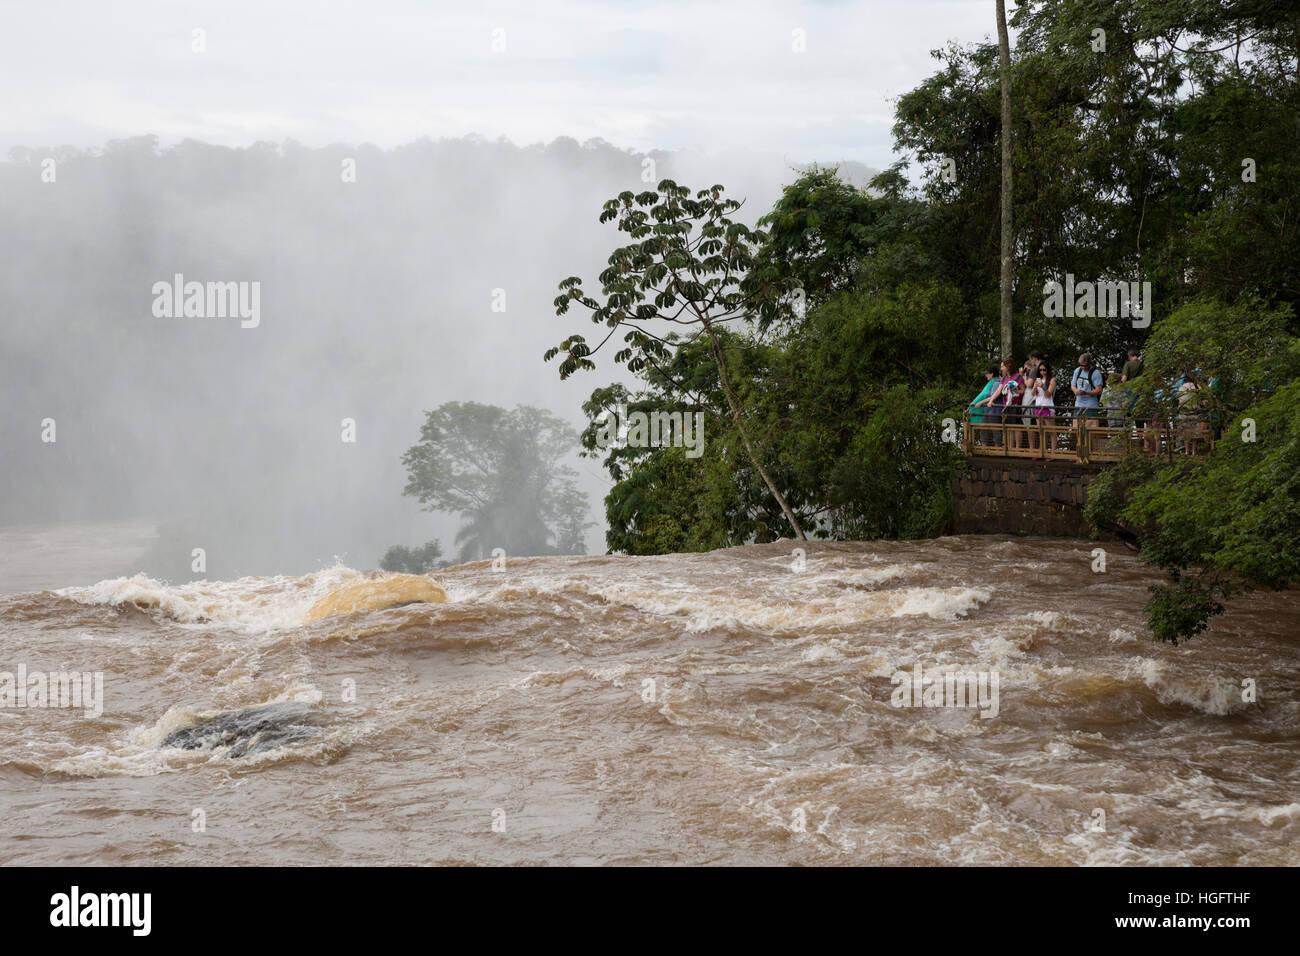 Iguazu Wasserfälle, Iguazu National Park, Provinz Misiones, Nordosten, Argentinien, Südamerika Stockbild